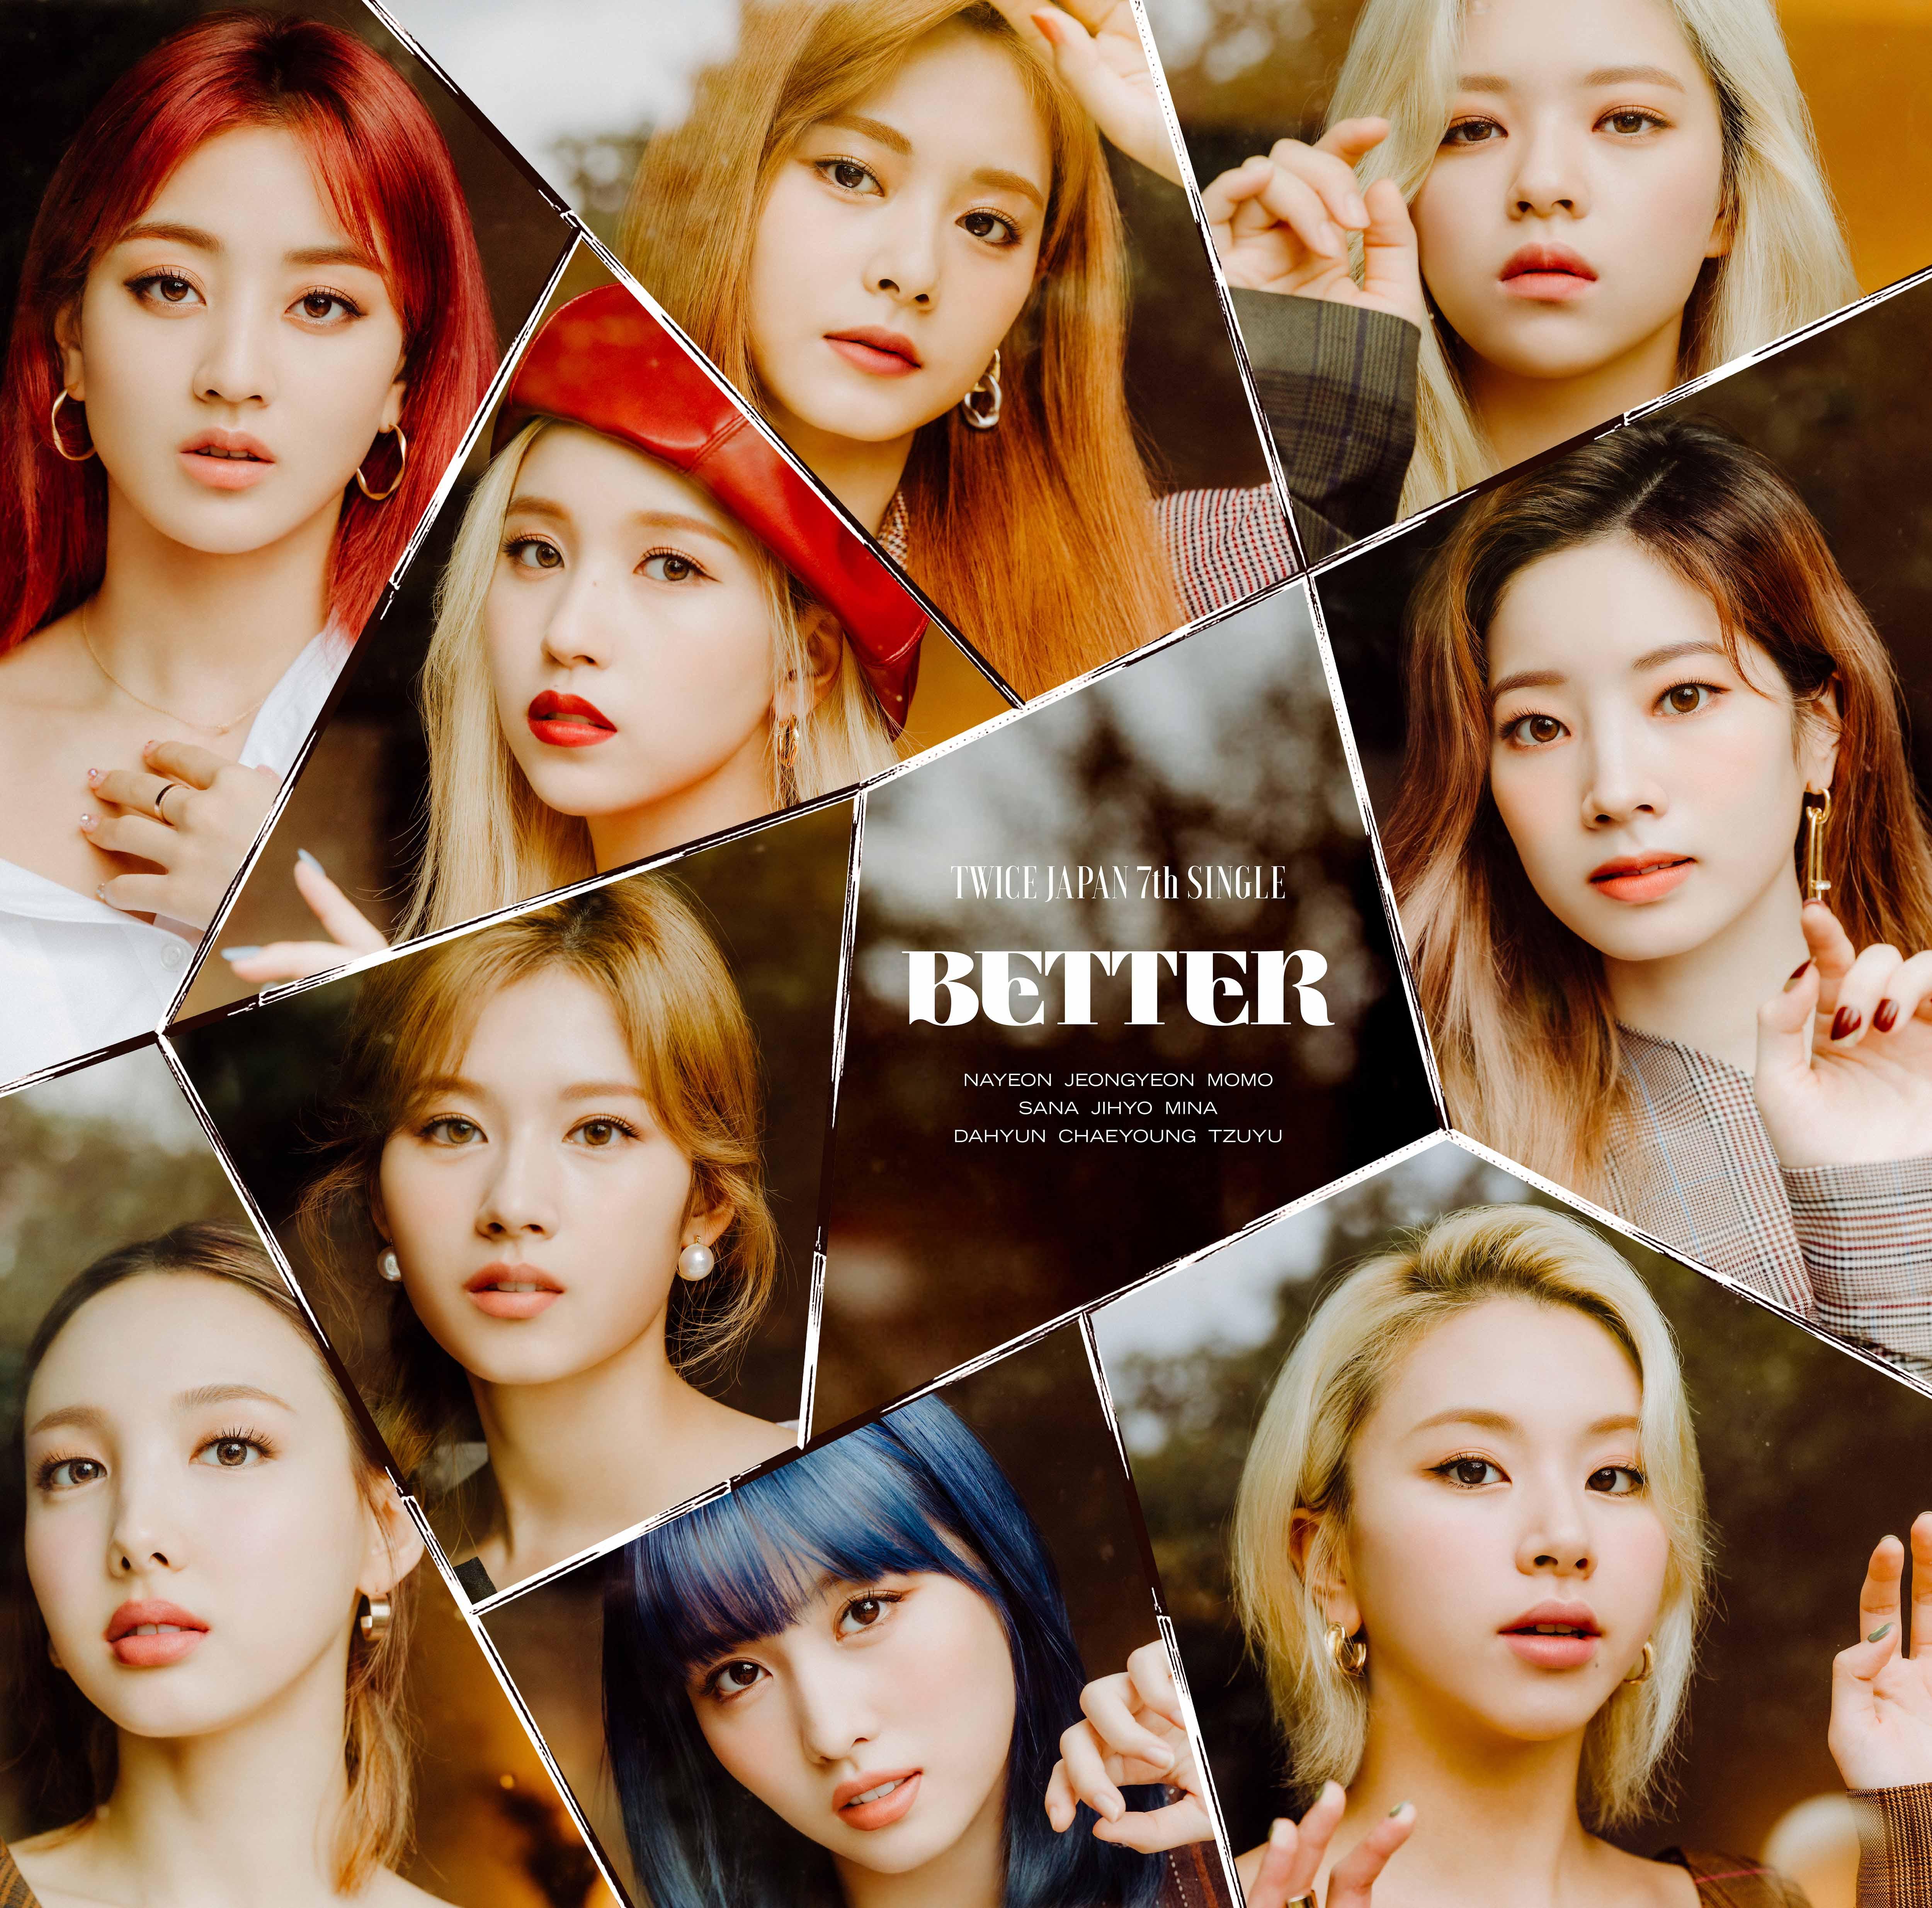 TWICEの日本7thシングル『BETTER』、先行配信スタート &ミュージックビデオ公開! 秋らしいファッションにも注目♡ photoGallery_1_13